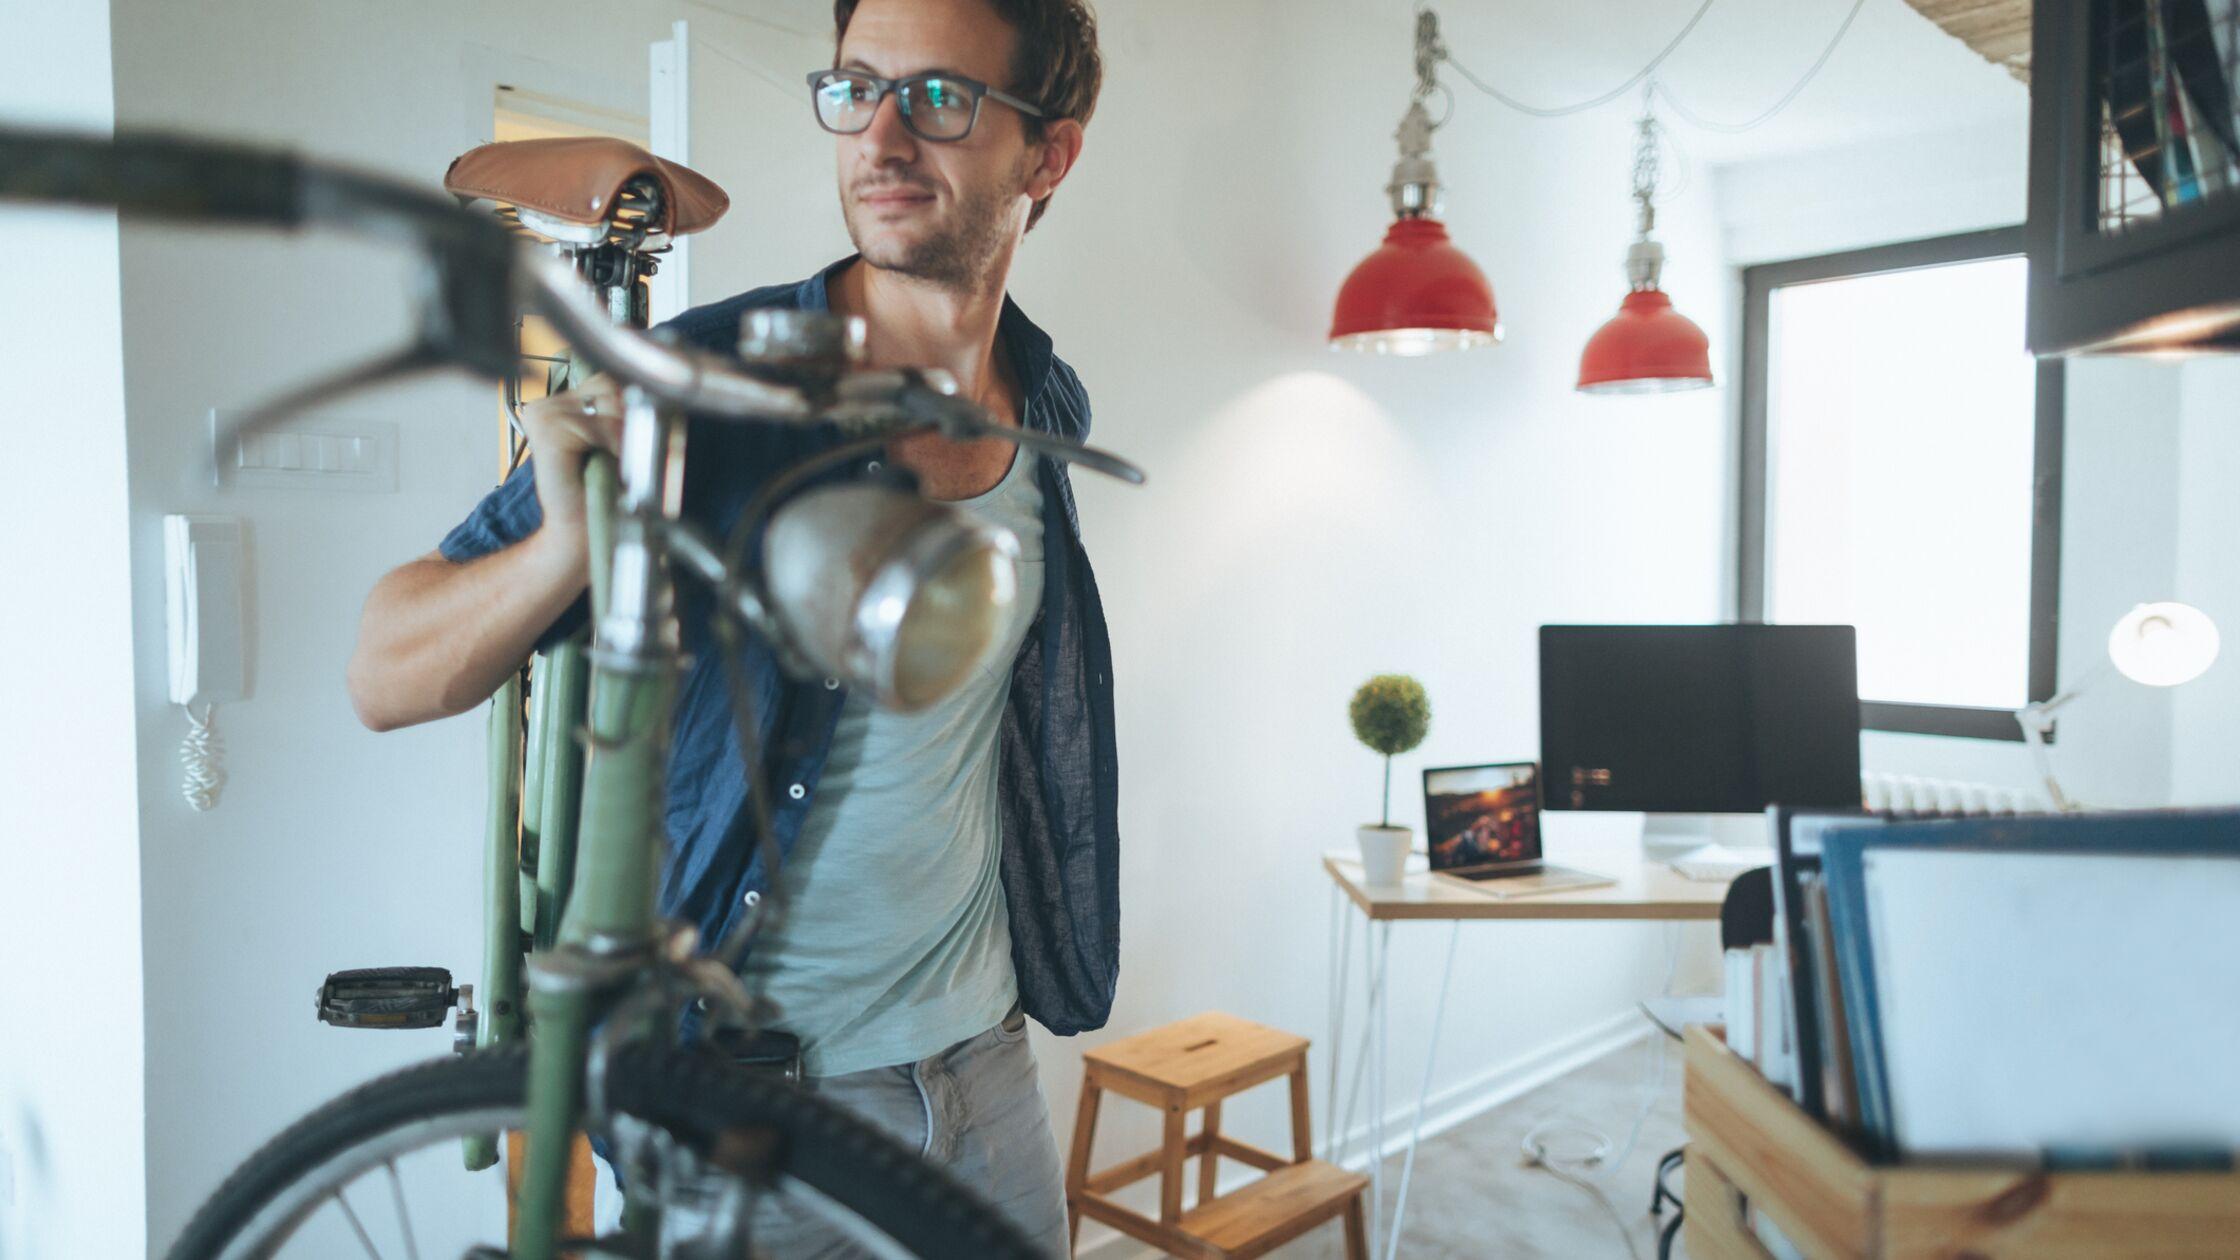 Mann trägt Fahrrad ins Wohnzimmer